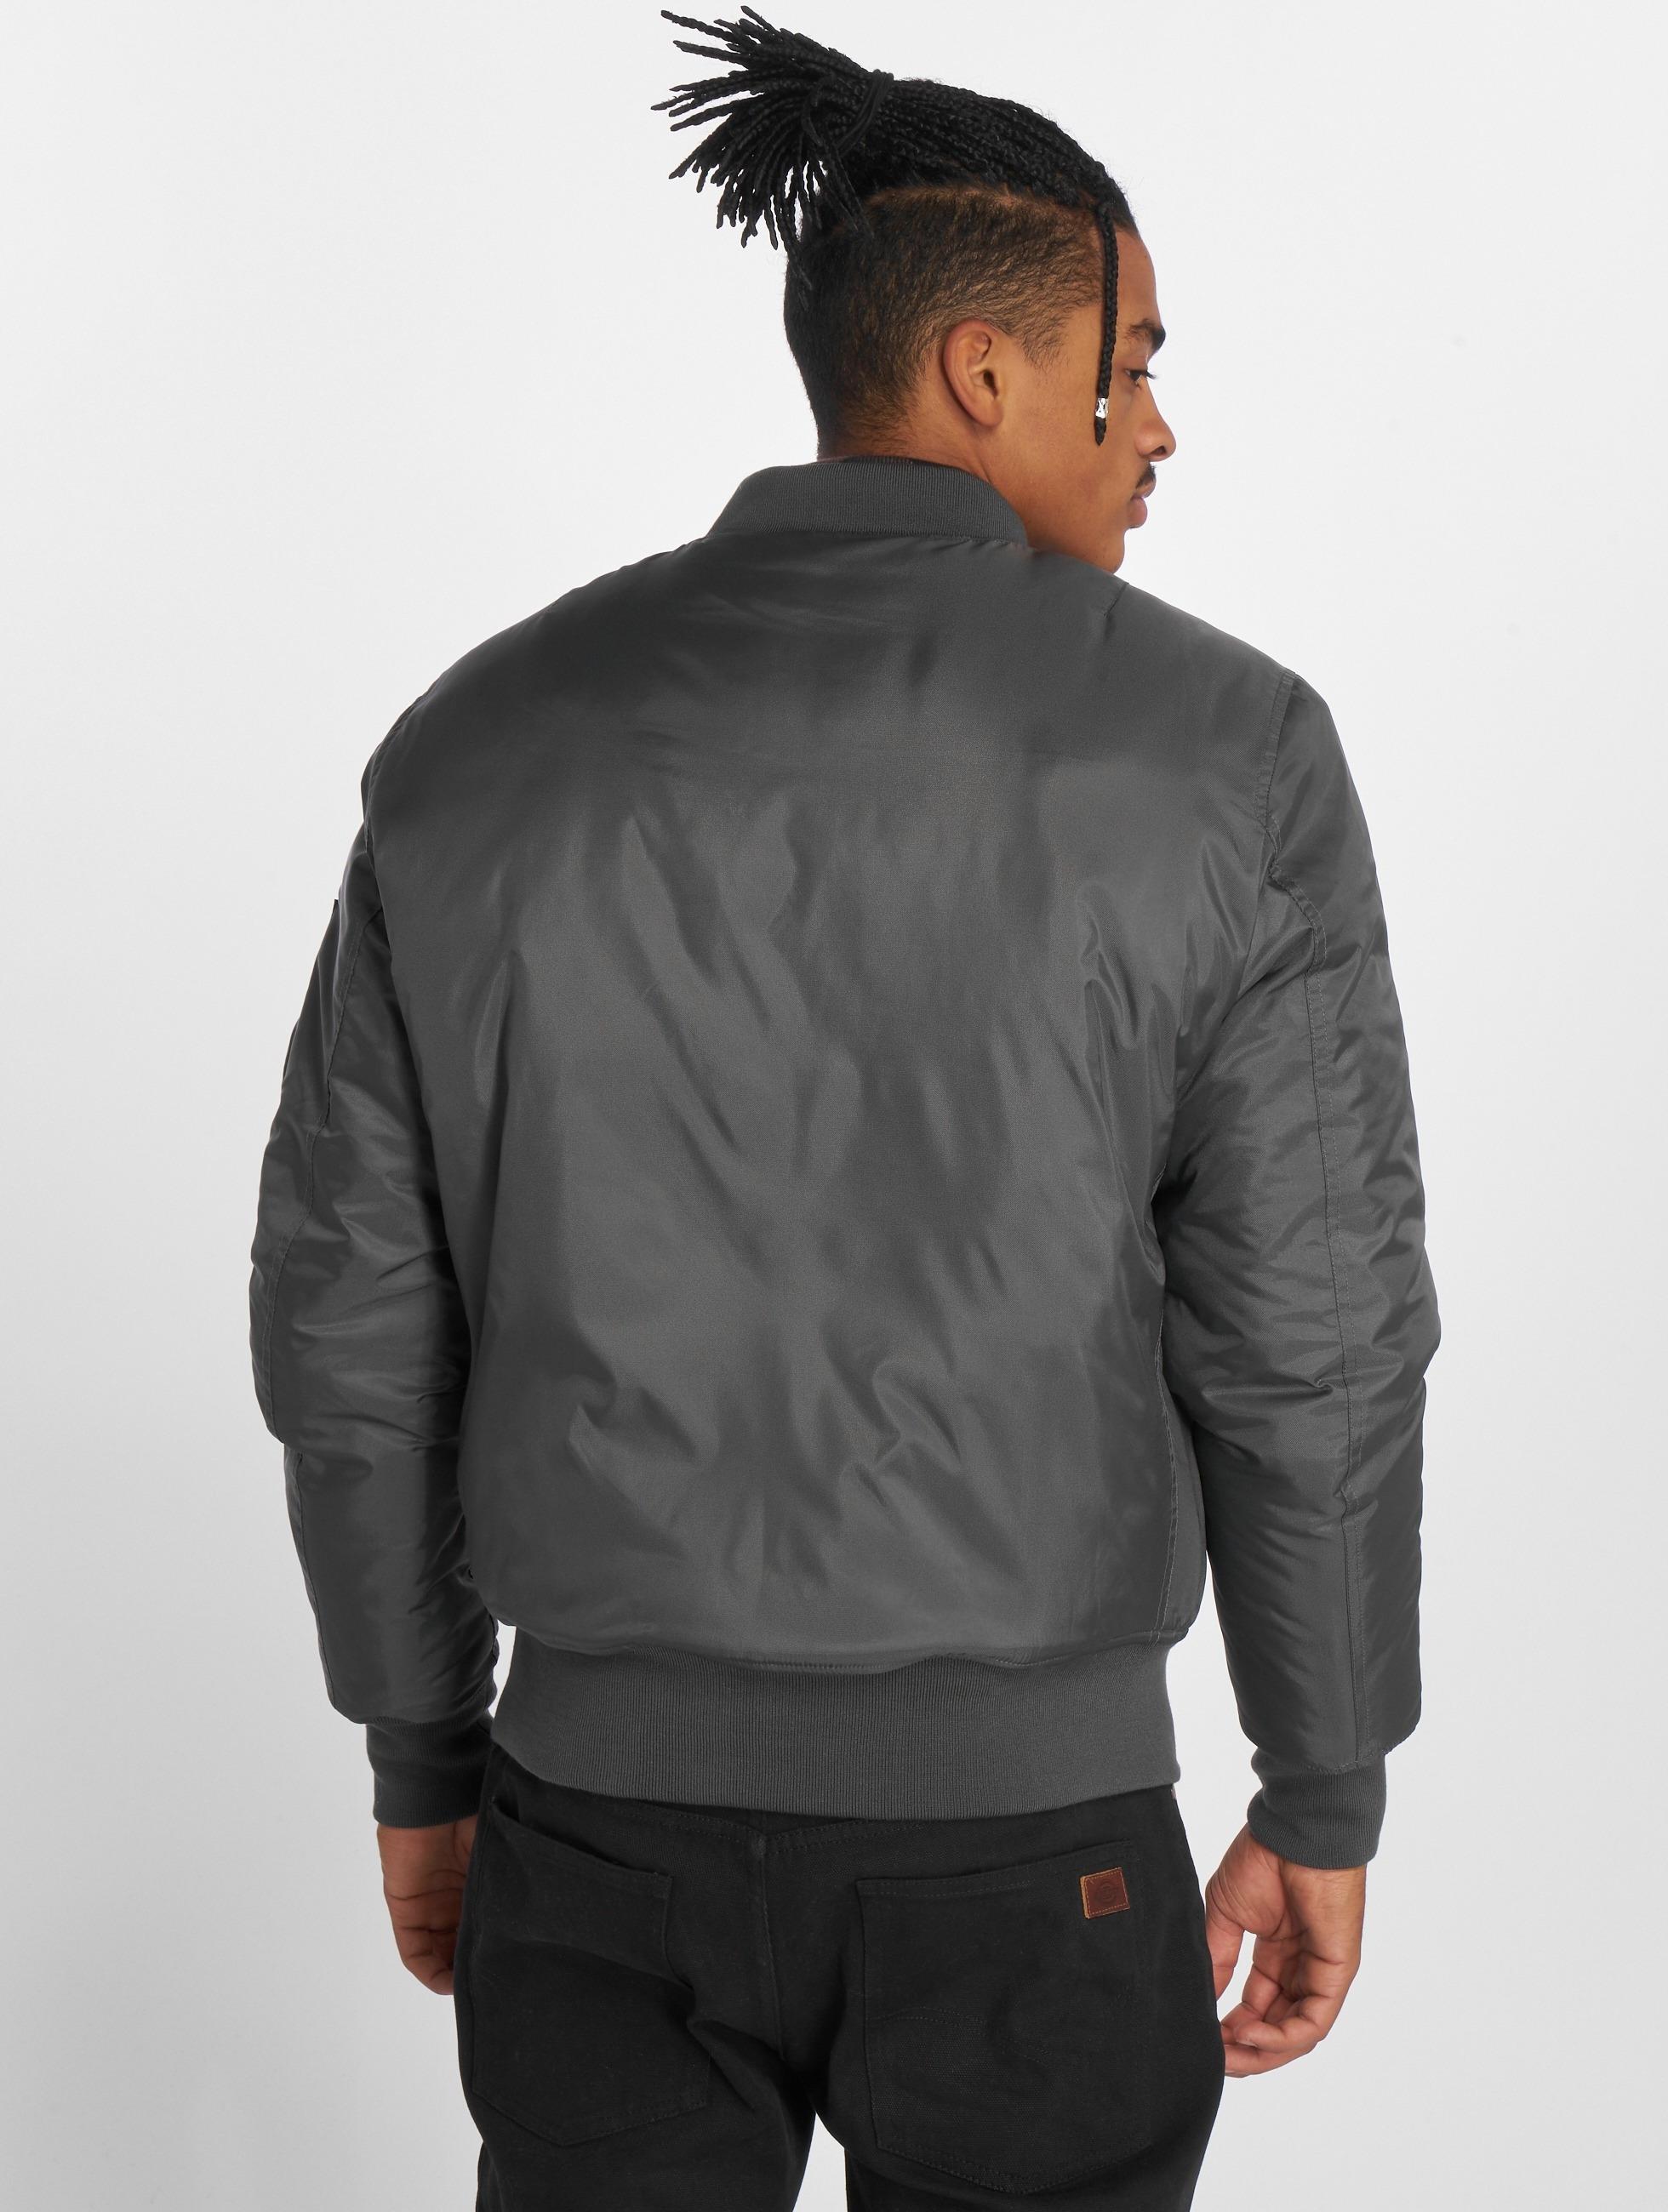 Urban Classics Bomber jacket Basic Bomber grey